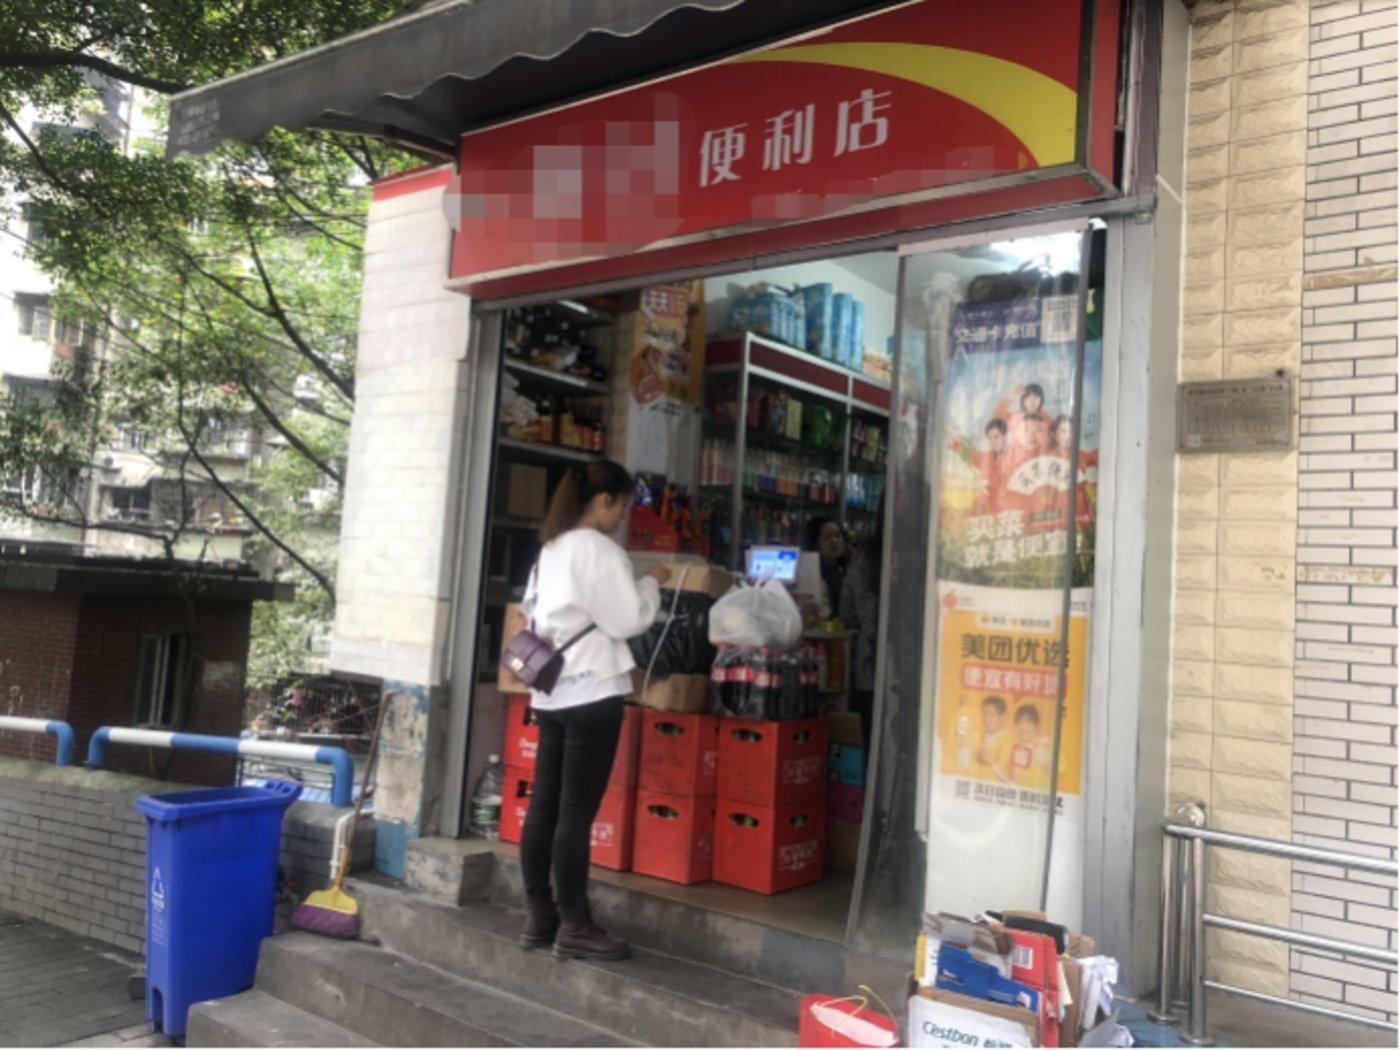 街边的小卖部,店主身兼多家团购平台团长之职